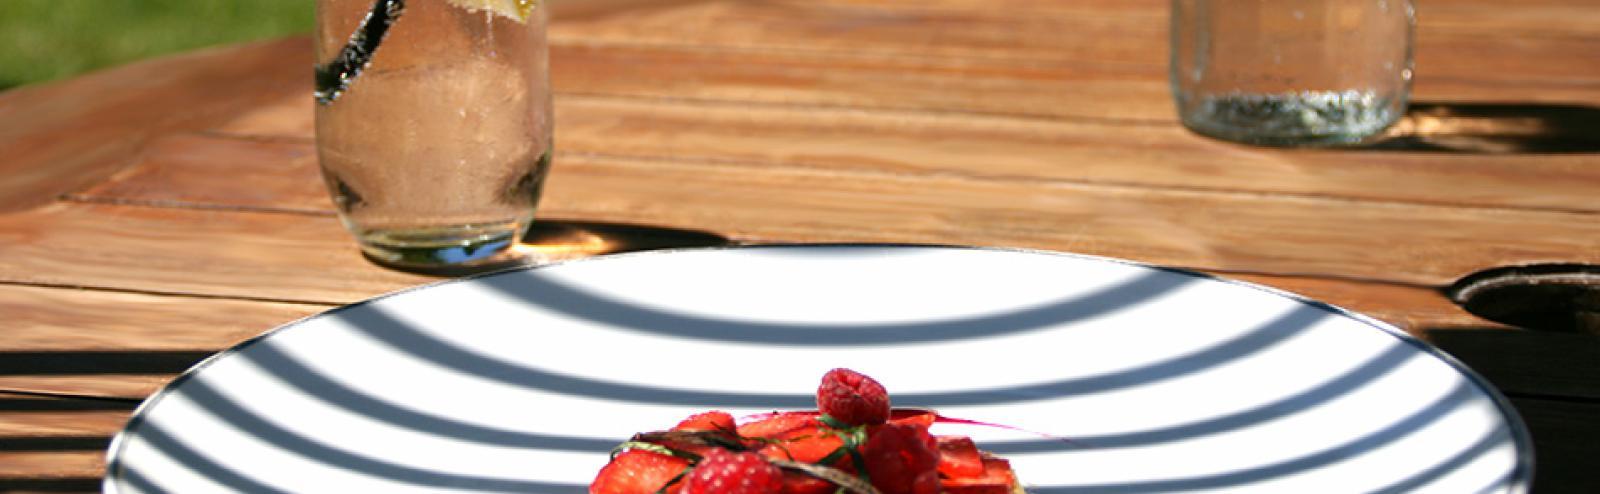 Recette compotée de rhubarbe aux fraises, recette chef cuisinier